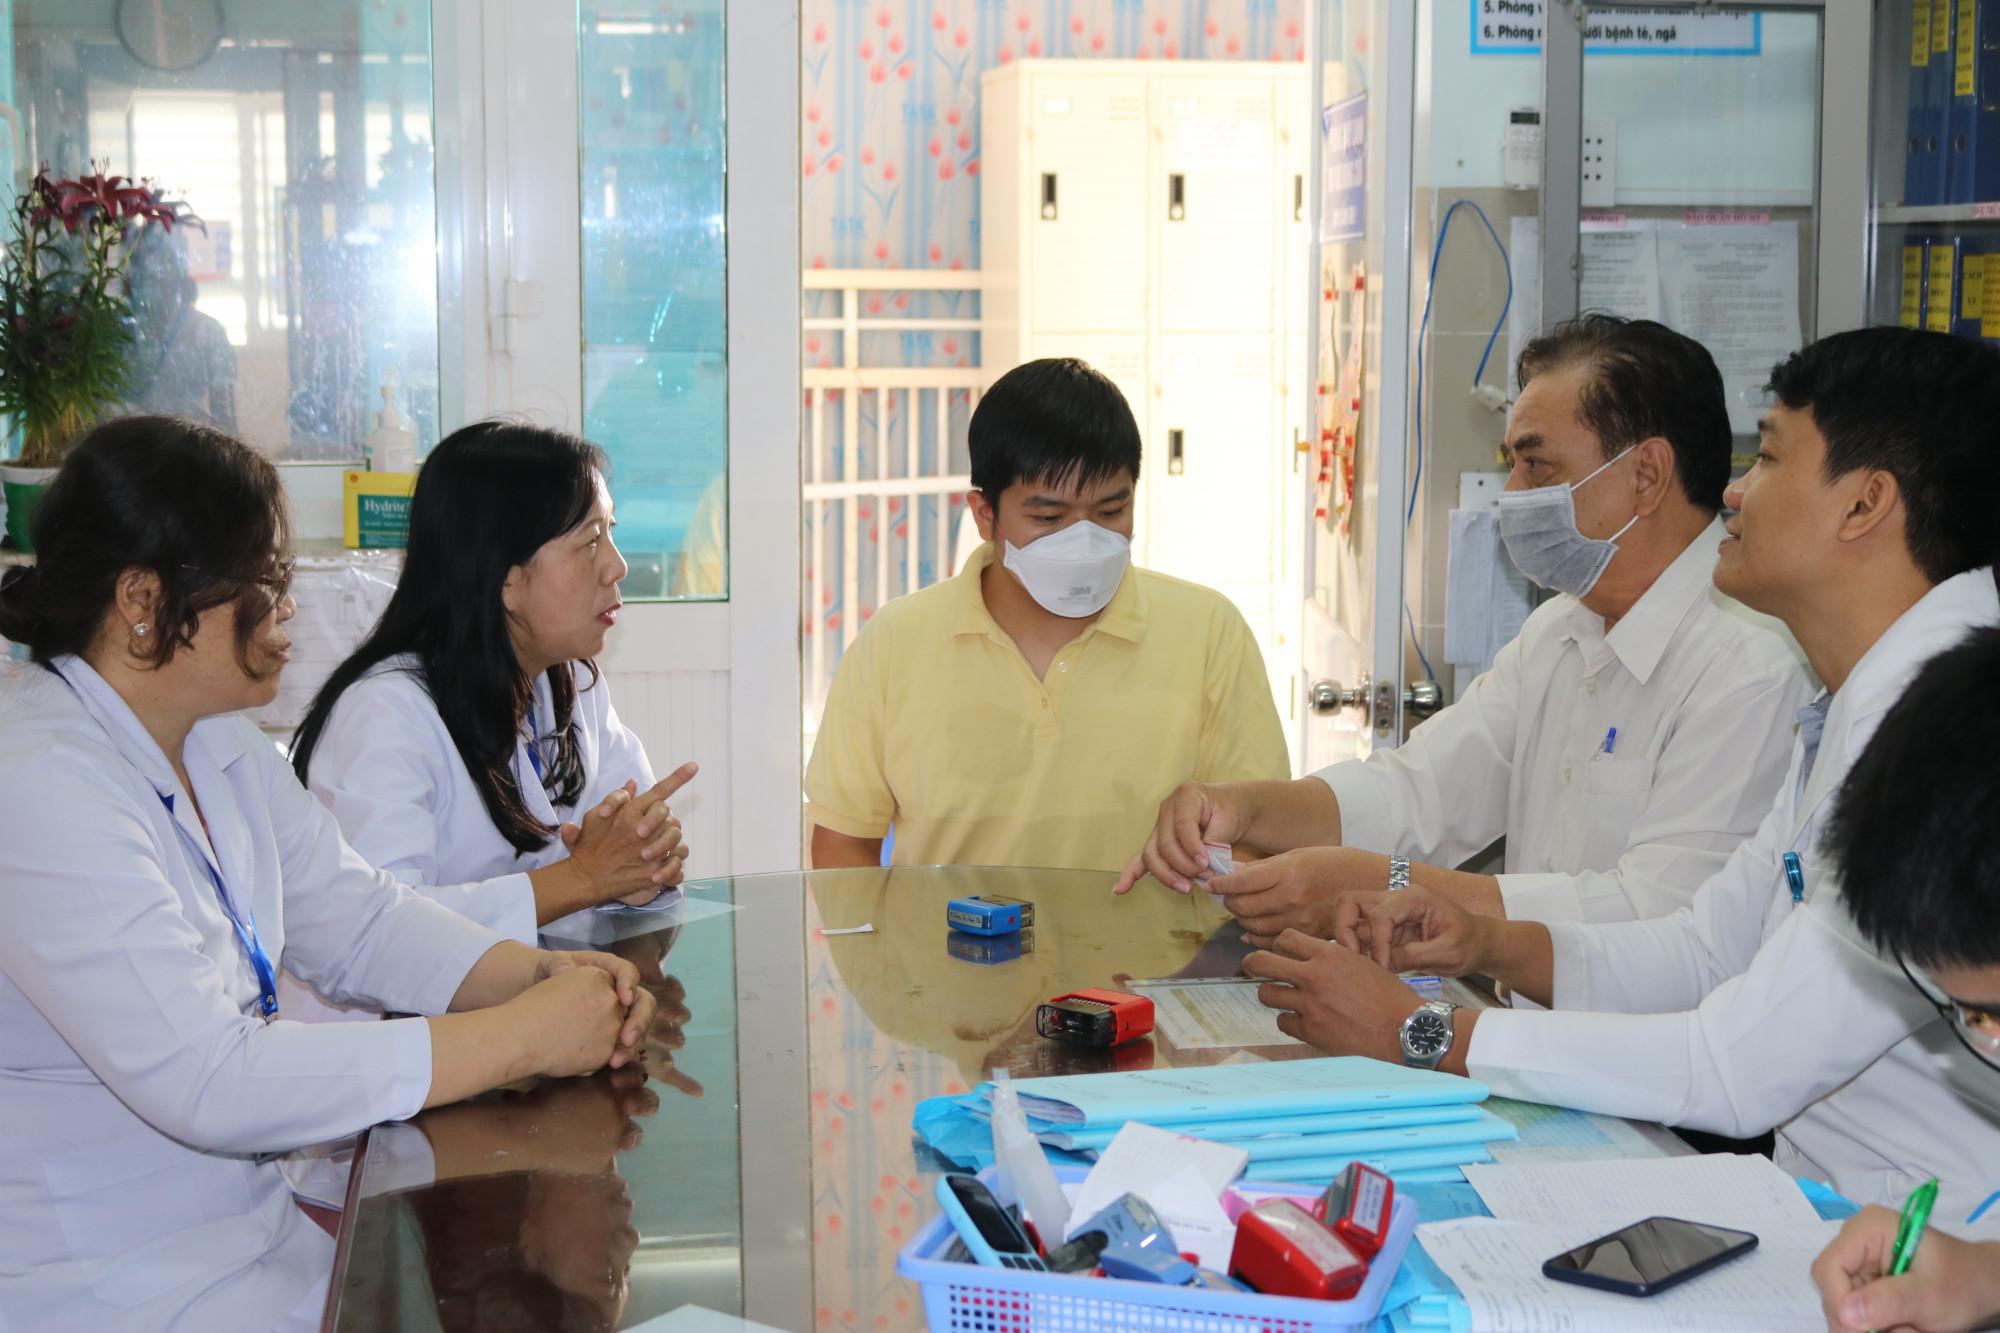 Anh Li Zi Chao đang trò chuyện với các bác sĩ Bệnh viện Quận 11